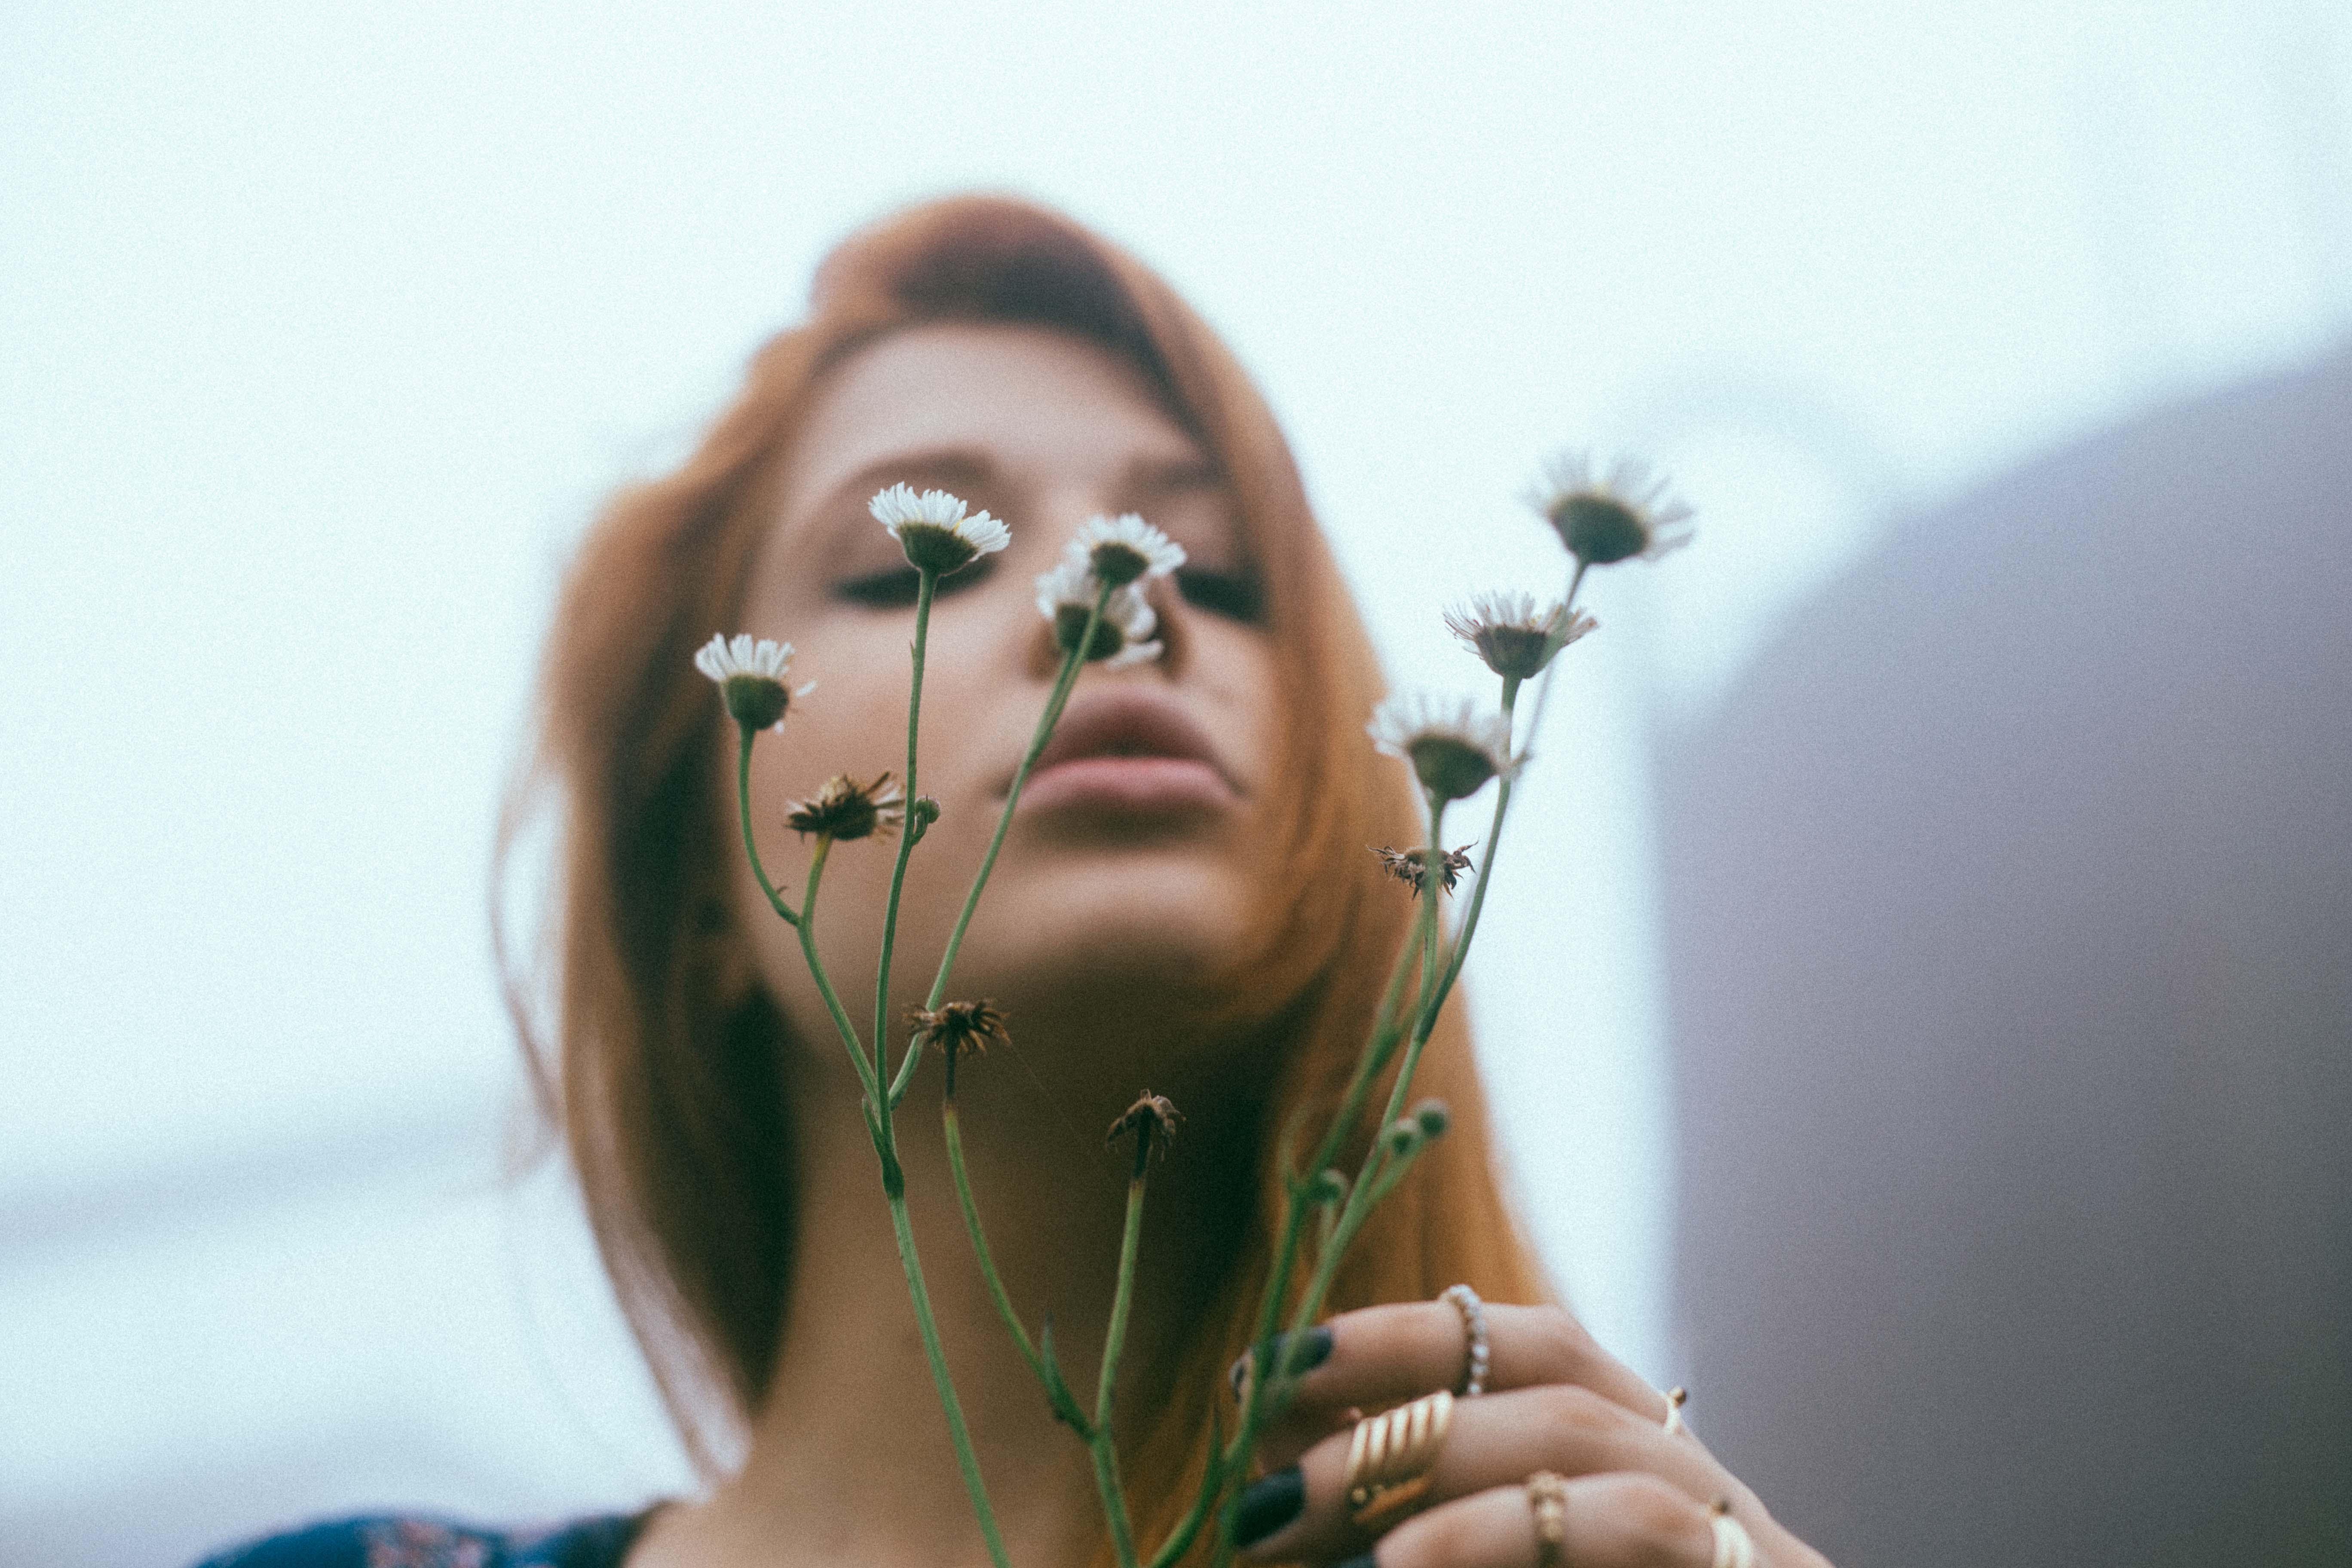 iPhotoChannel_mayara-rios_maria-carolina_papo-de-homem_bom-dia_fotografia_mulher_1